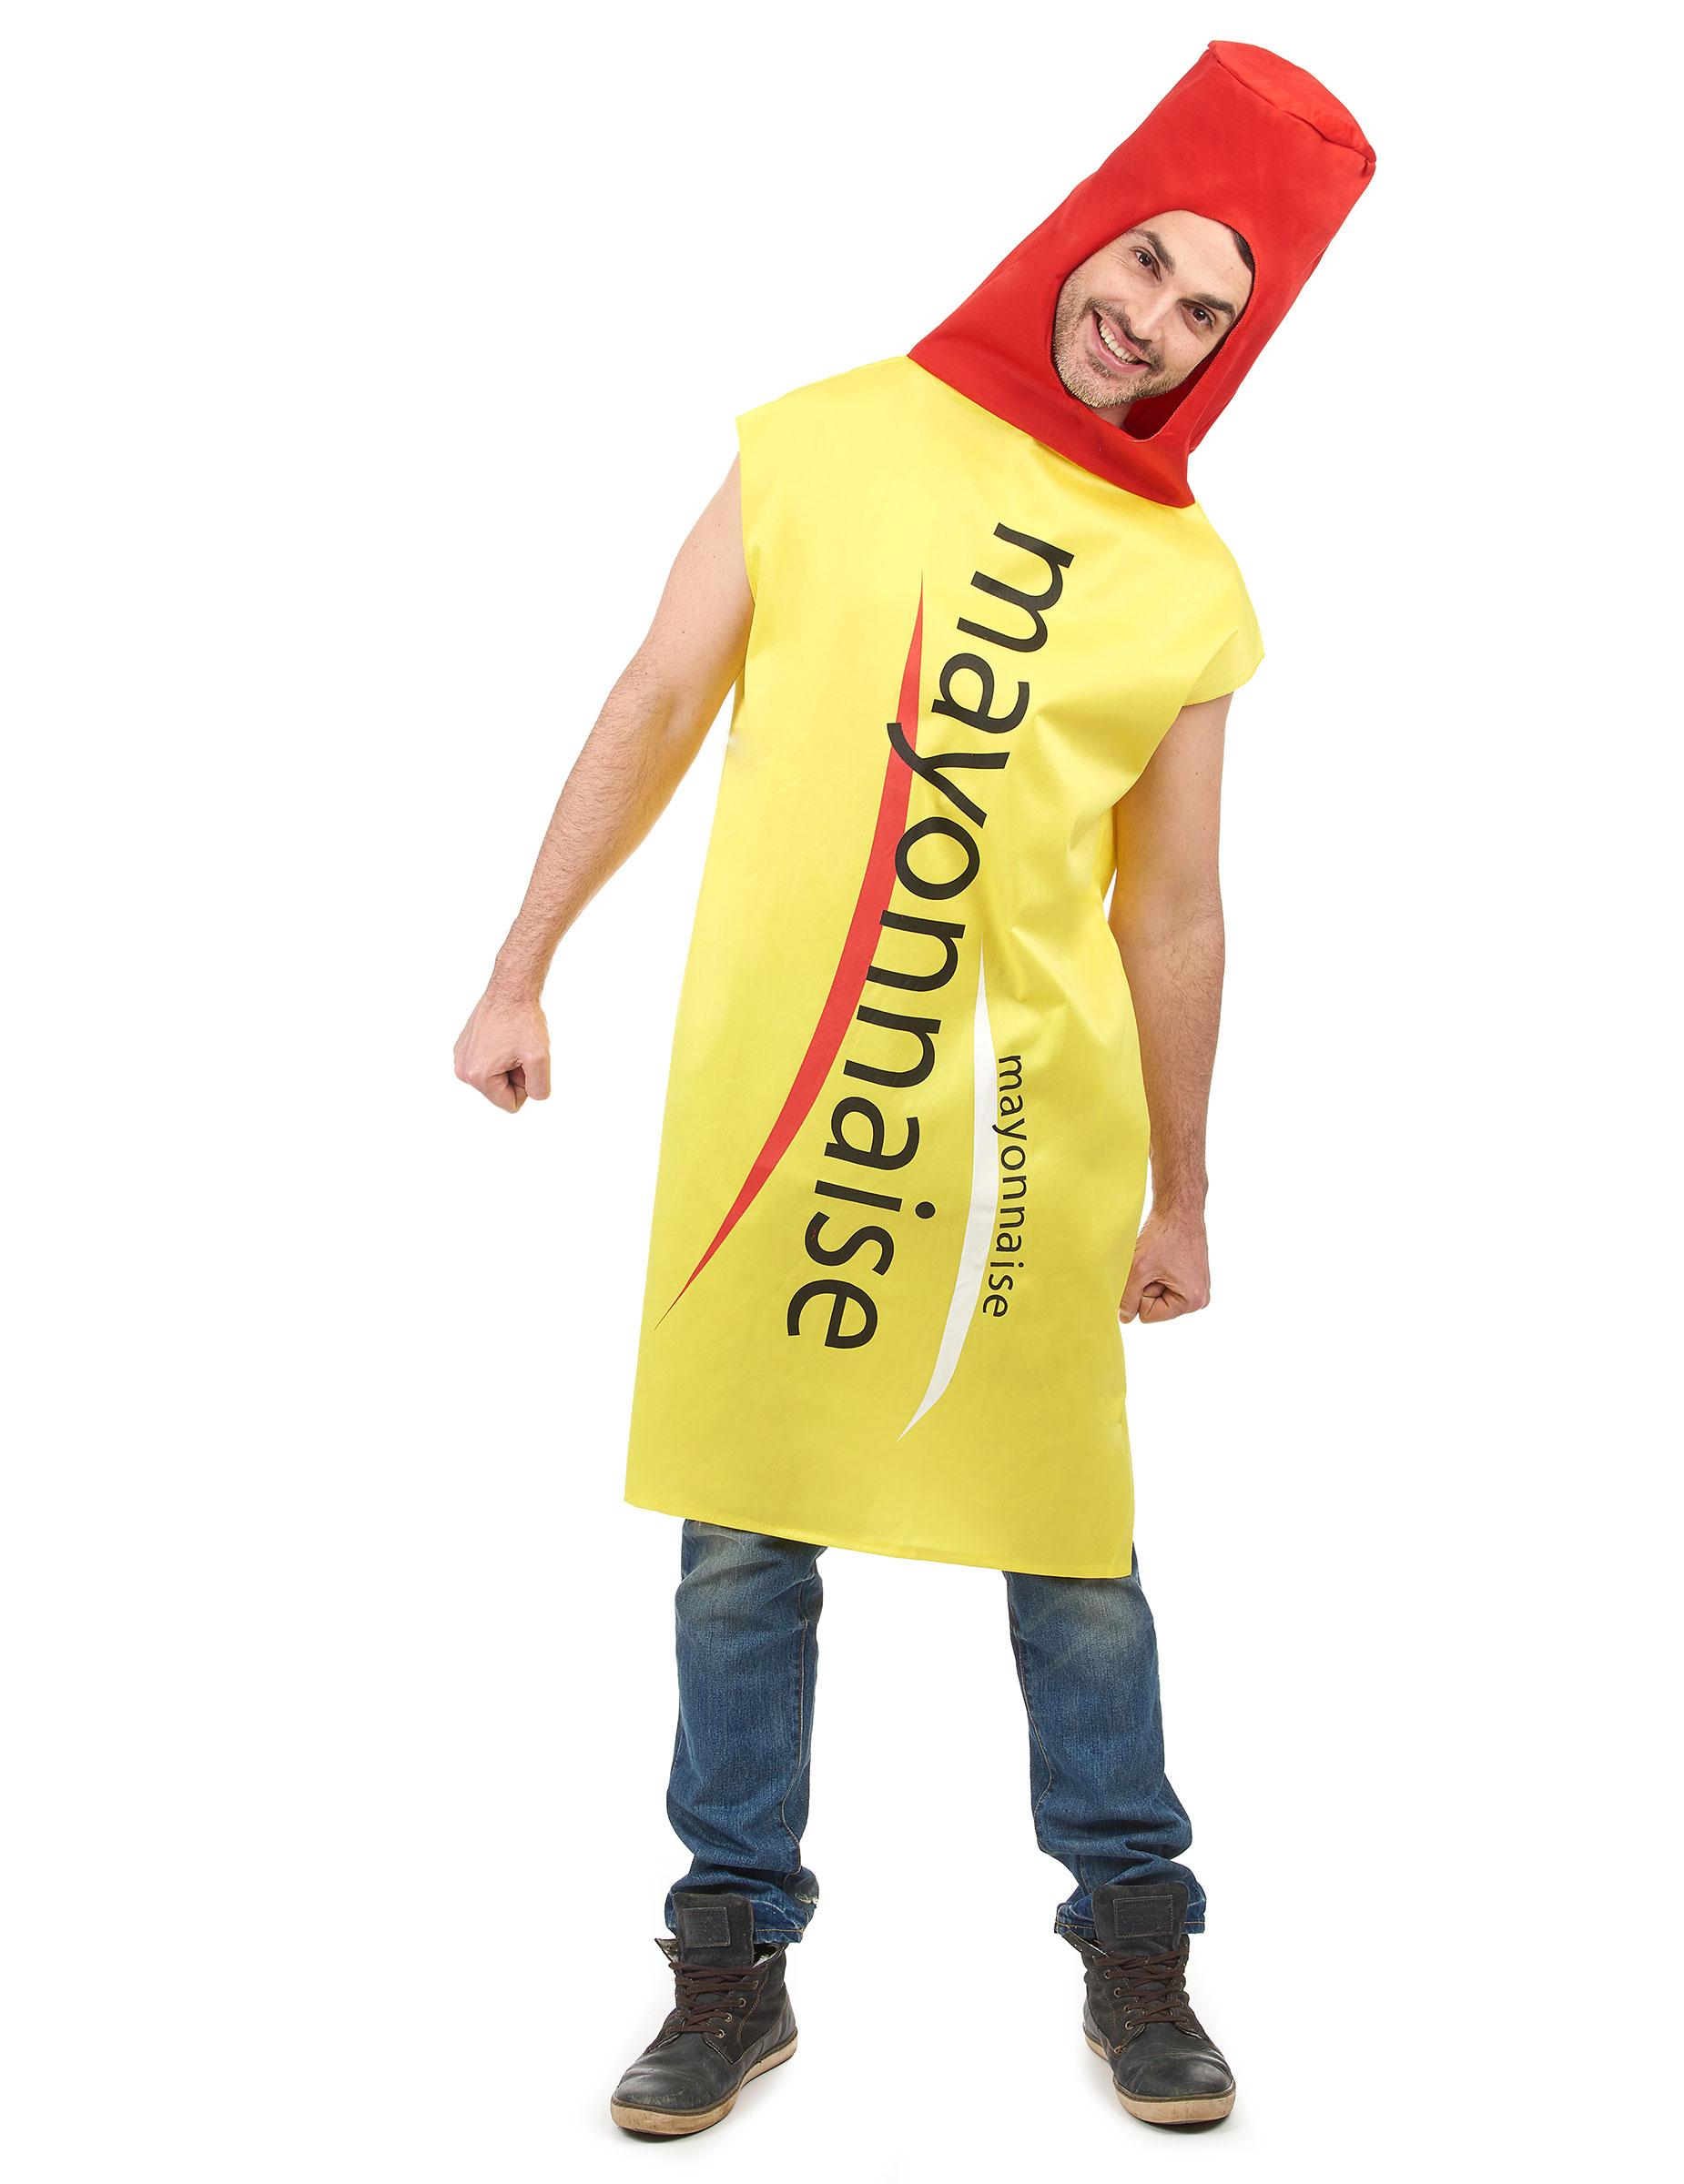 Mayonnaise-Kostüm für Erwachsene 67810